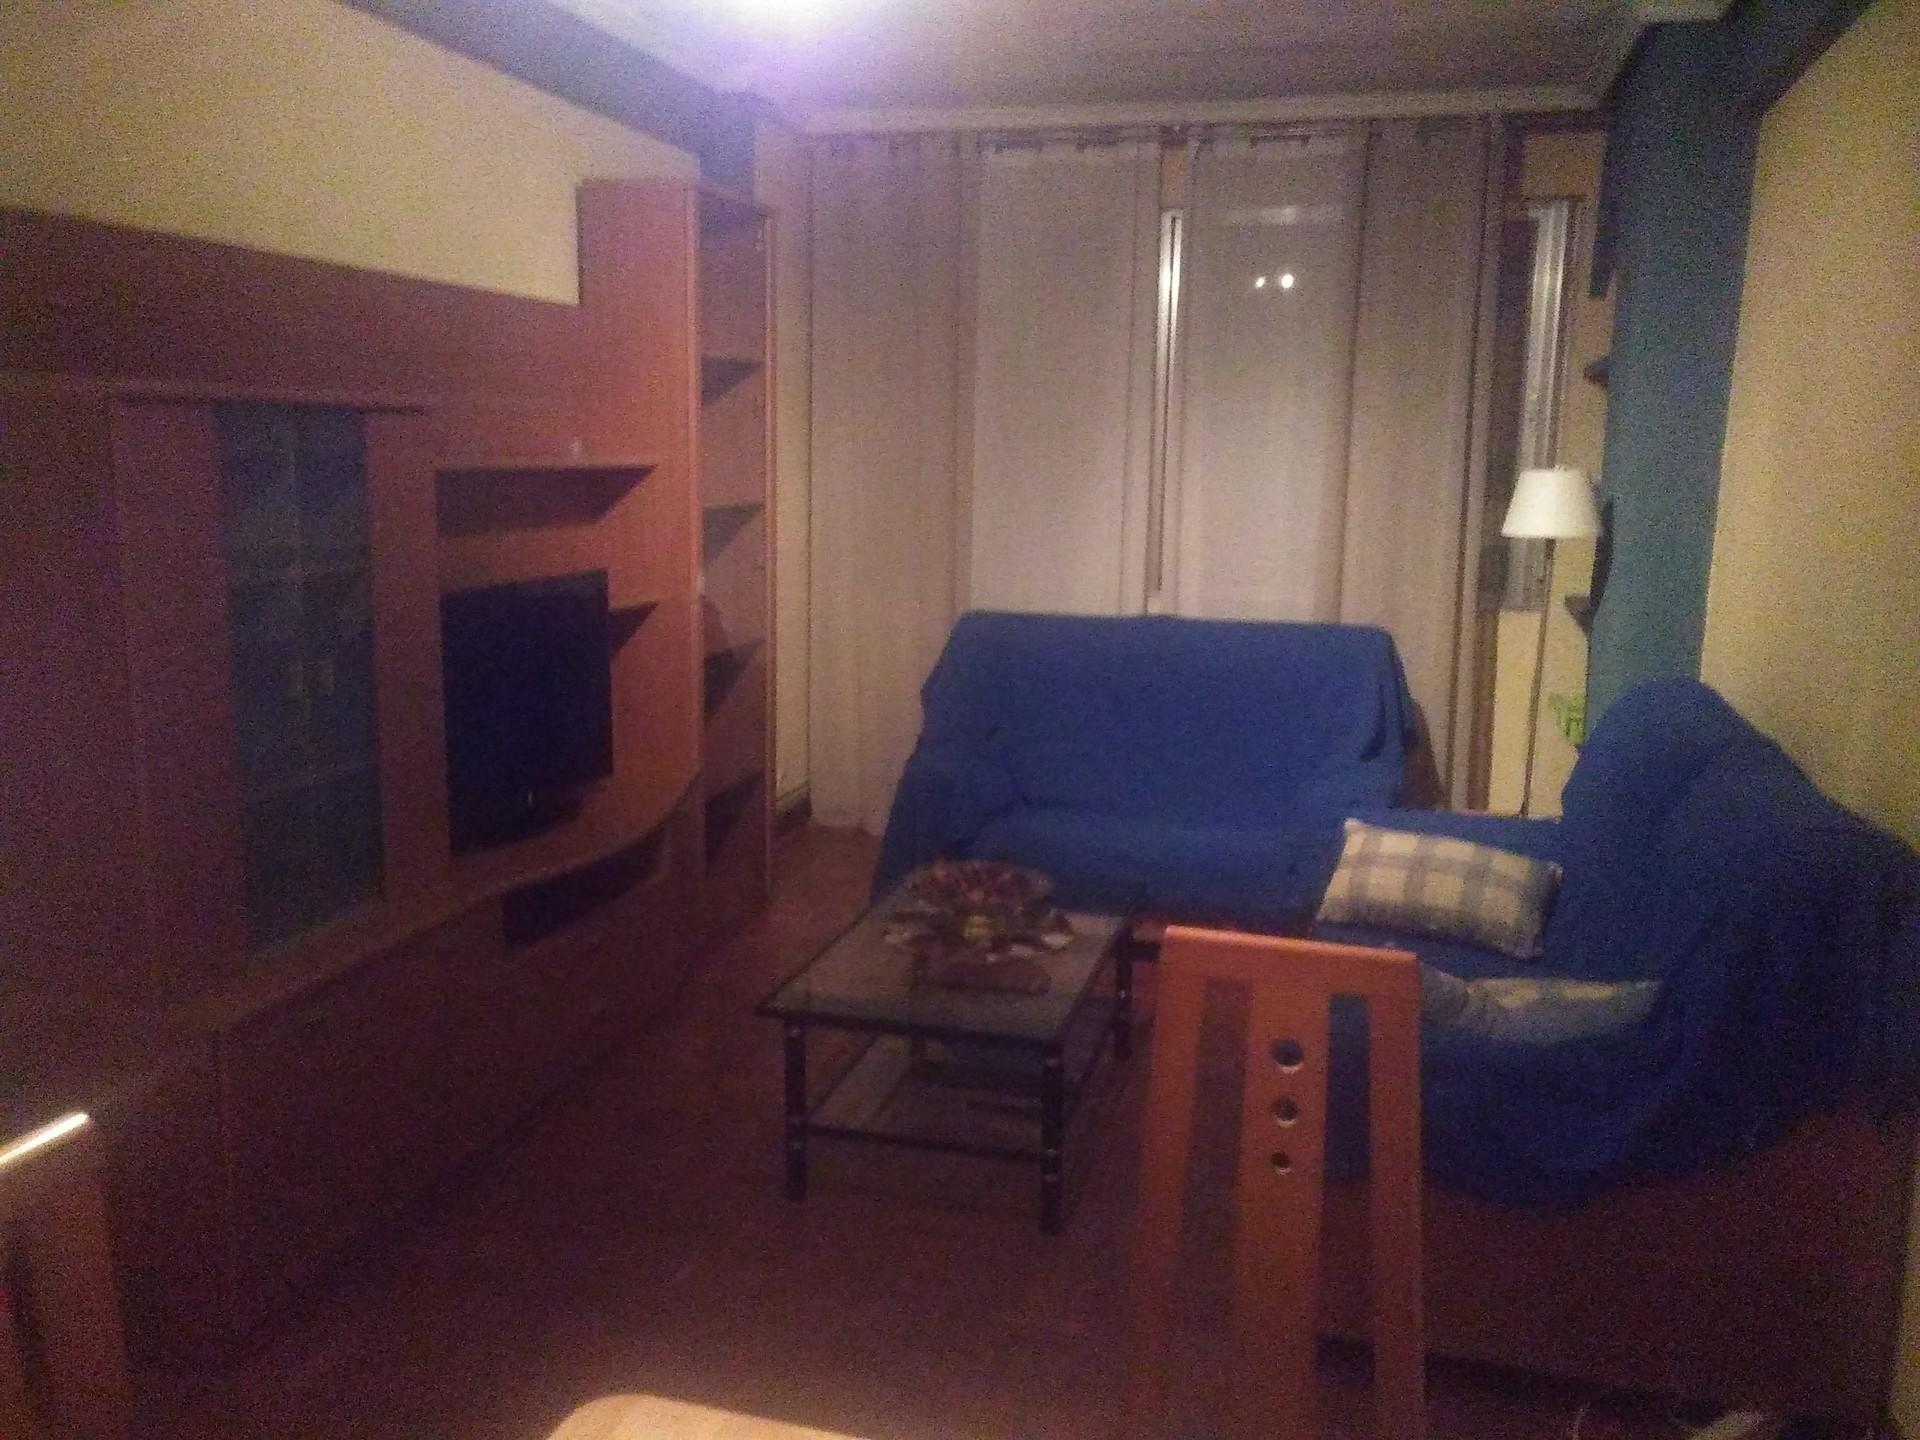 Piso en alquiler para tres estudiantes getafe alquiler - Alquiler de pisos para estudiantes ...